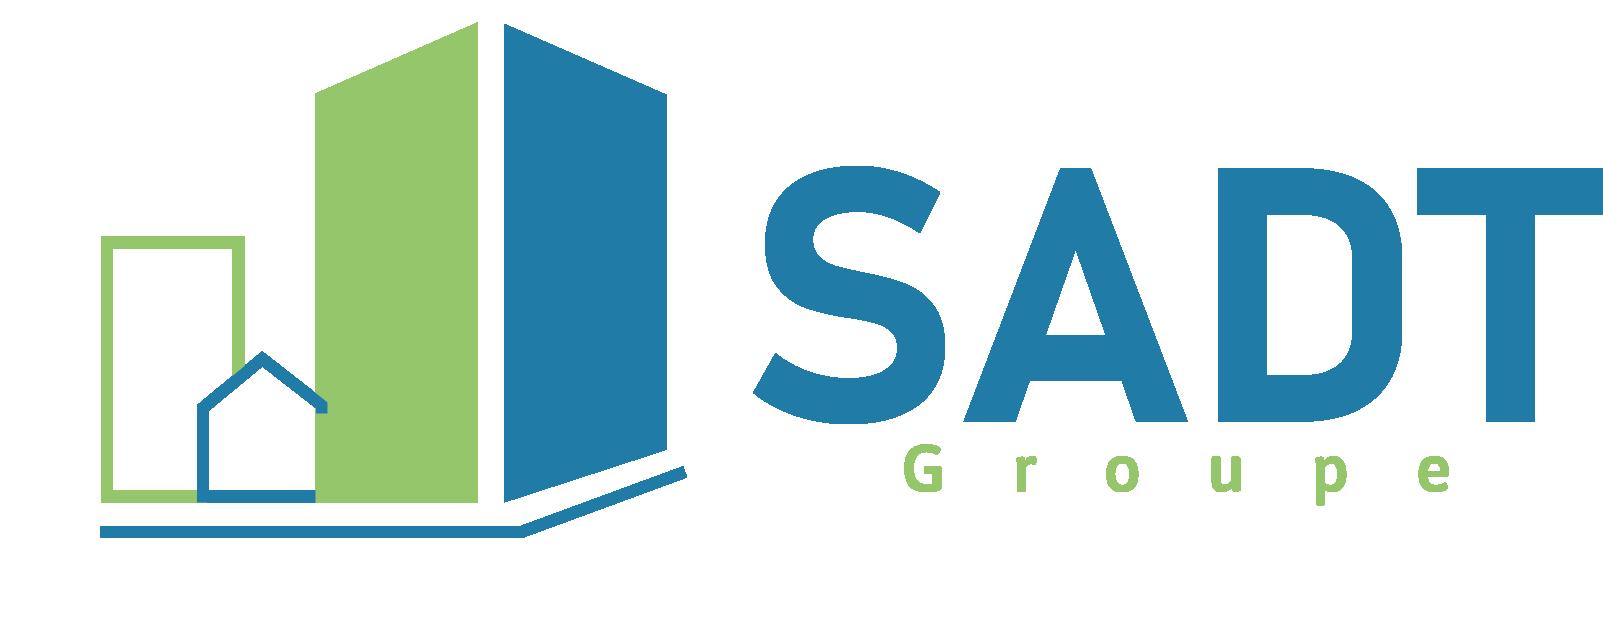 SADT-GROUPE